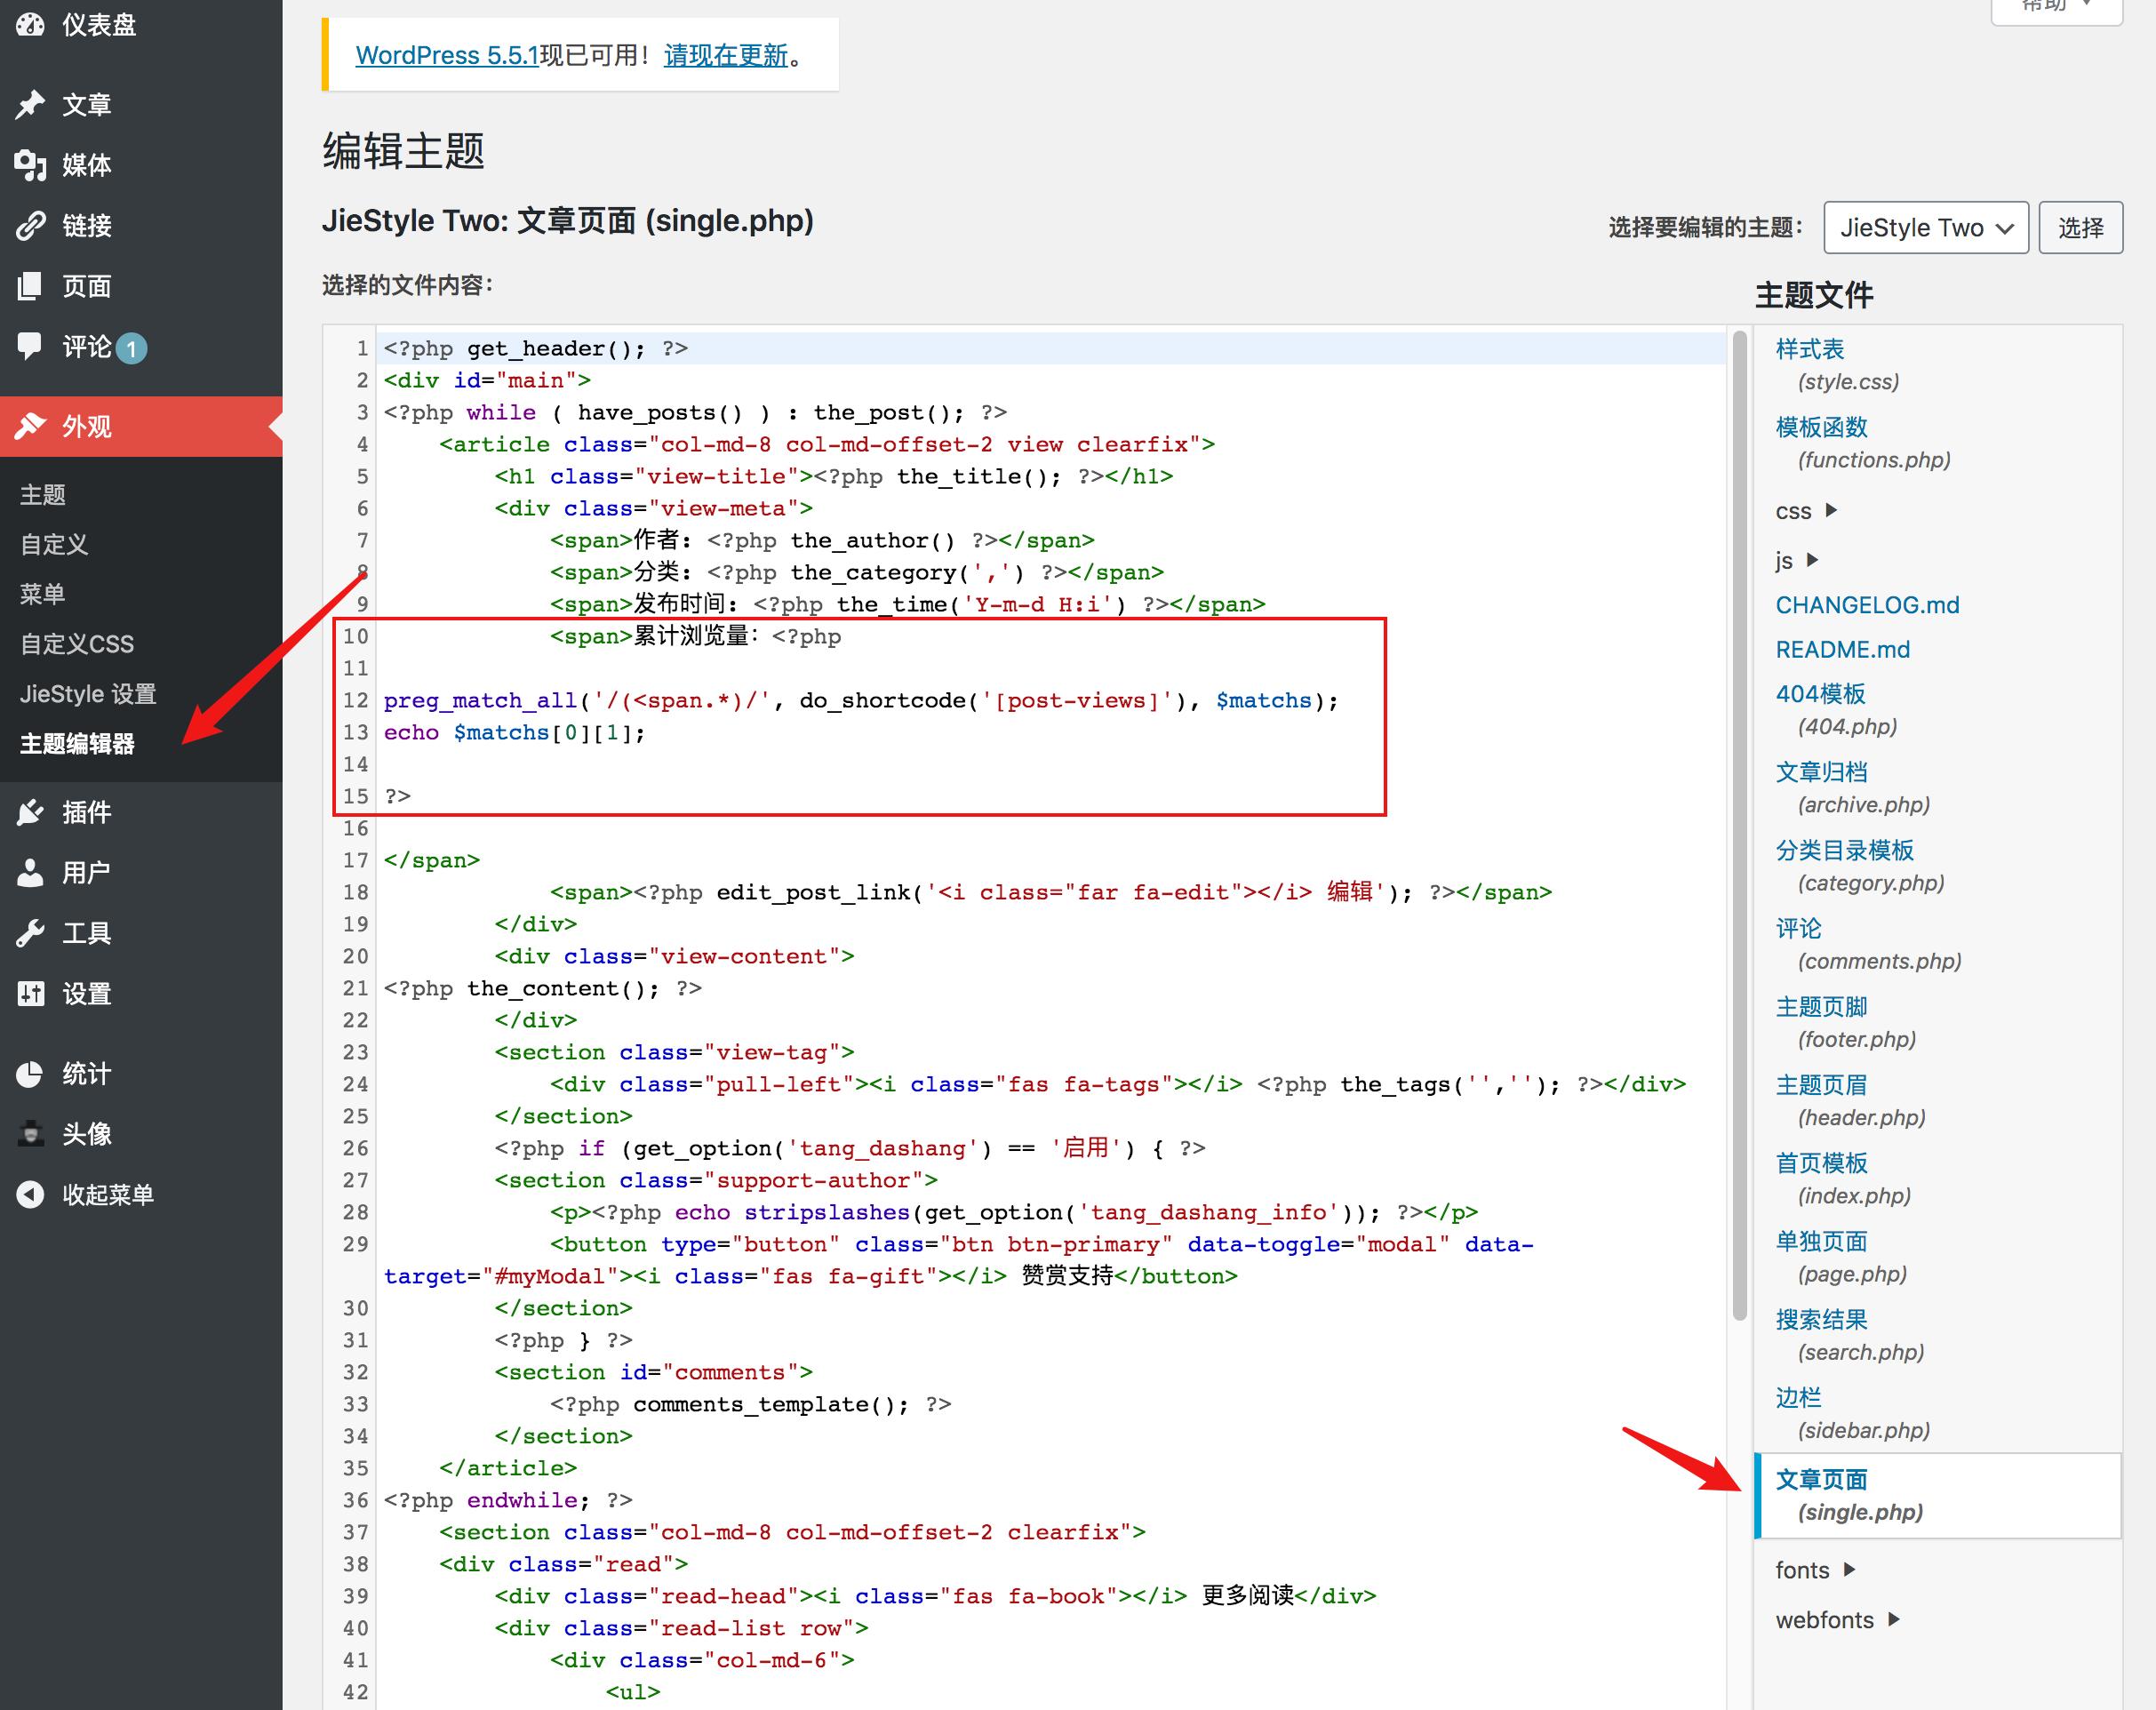 超详细图解 WordPress 搭建个人网站插图(32)